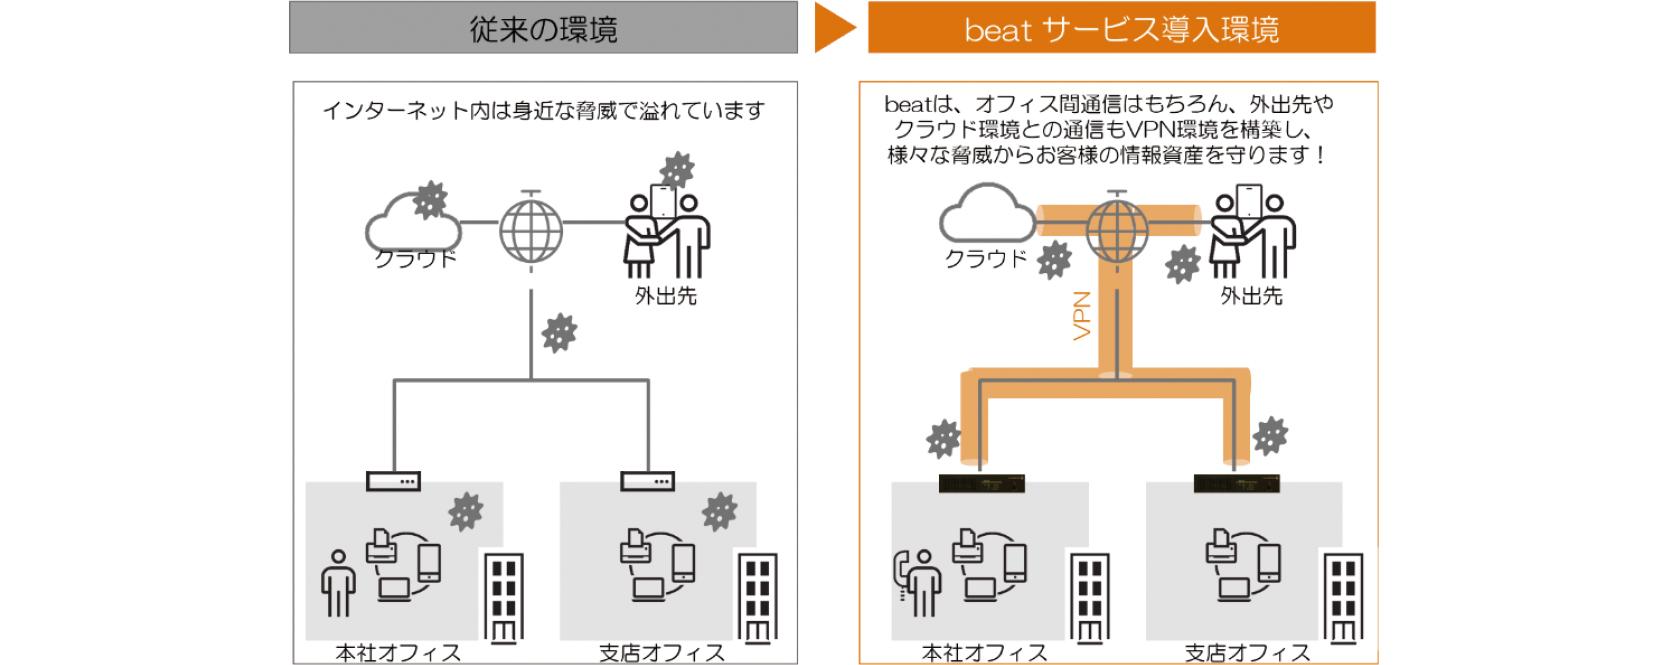 【beatのイメージ図】